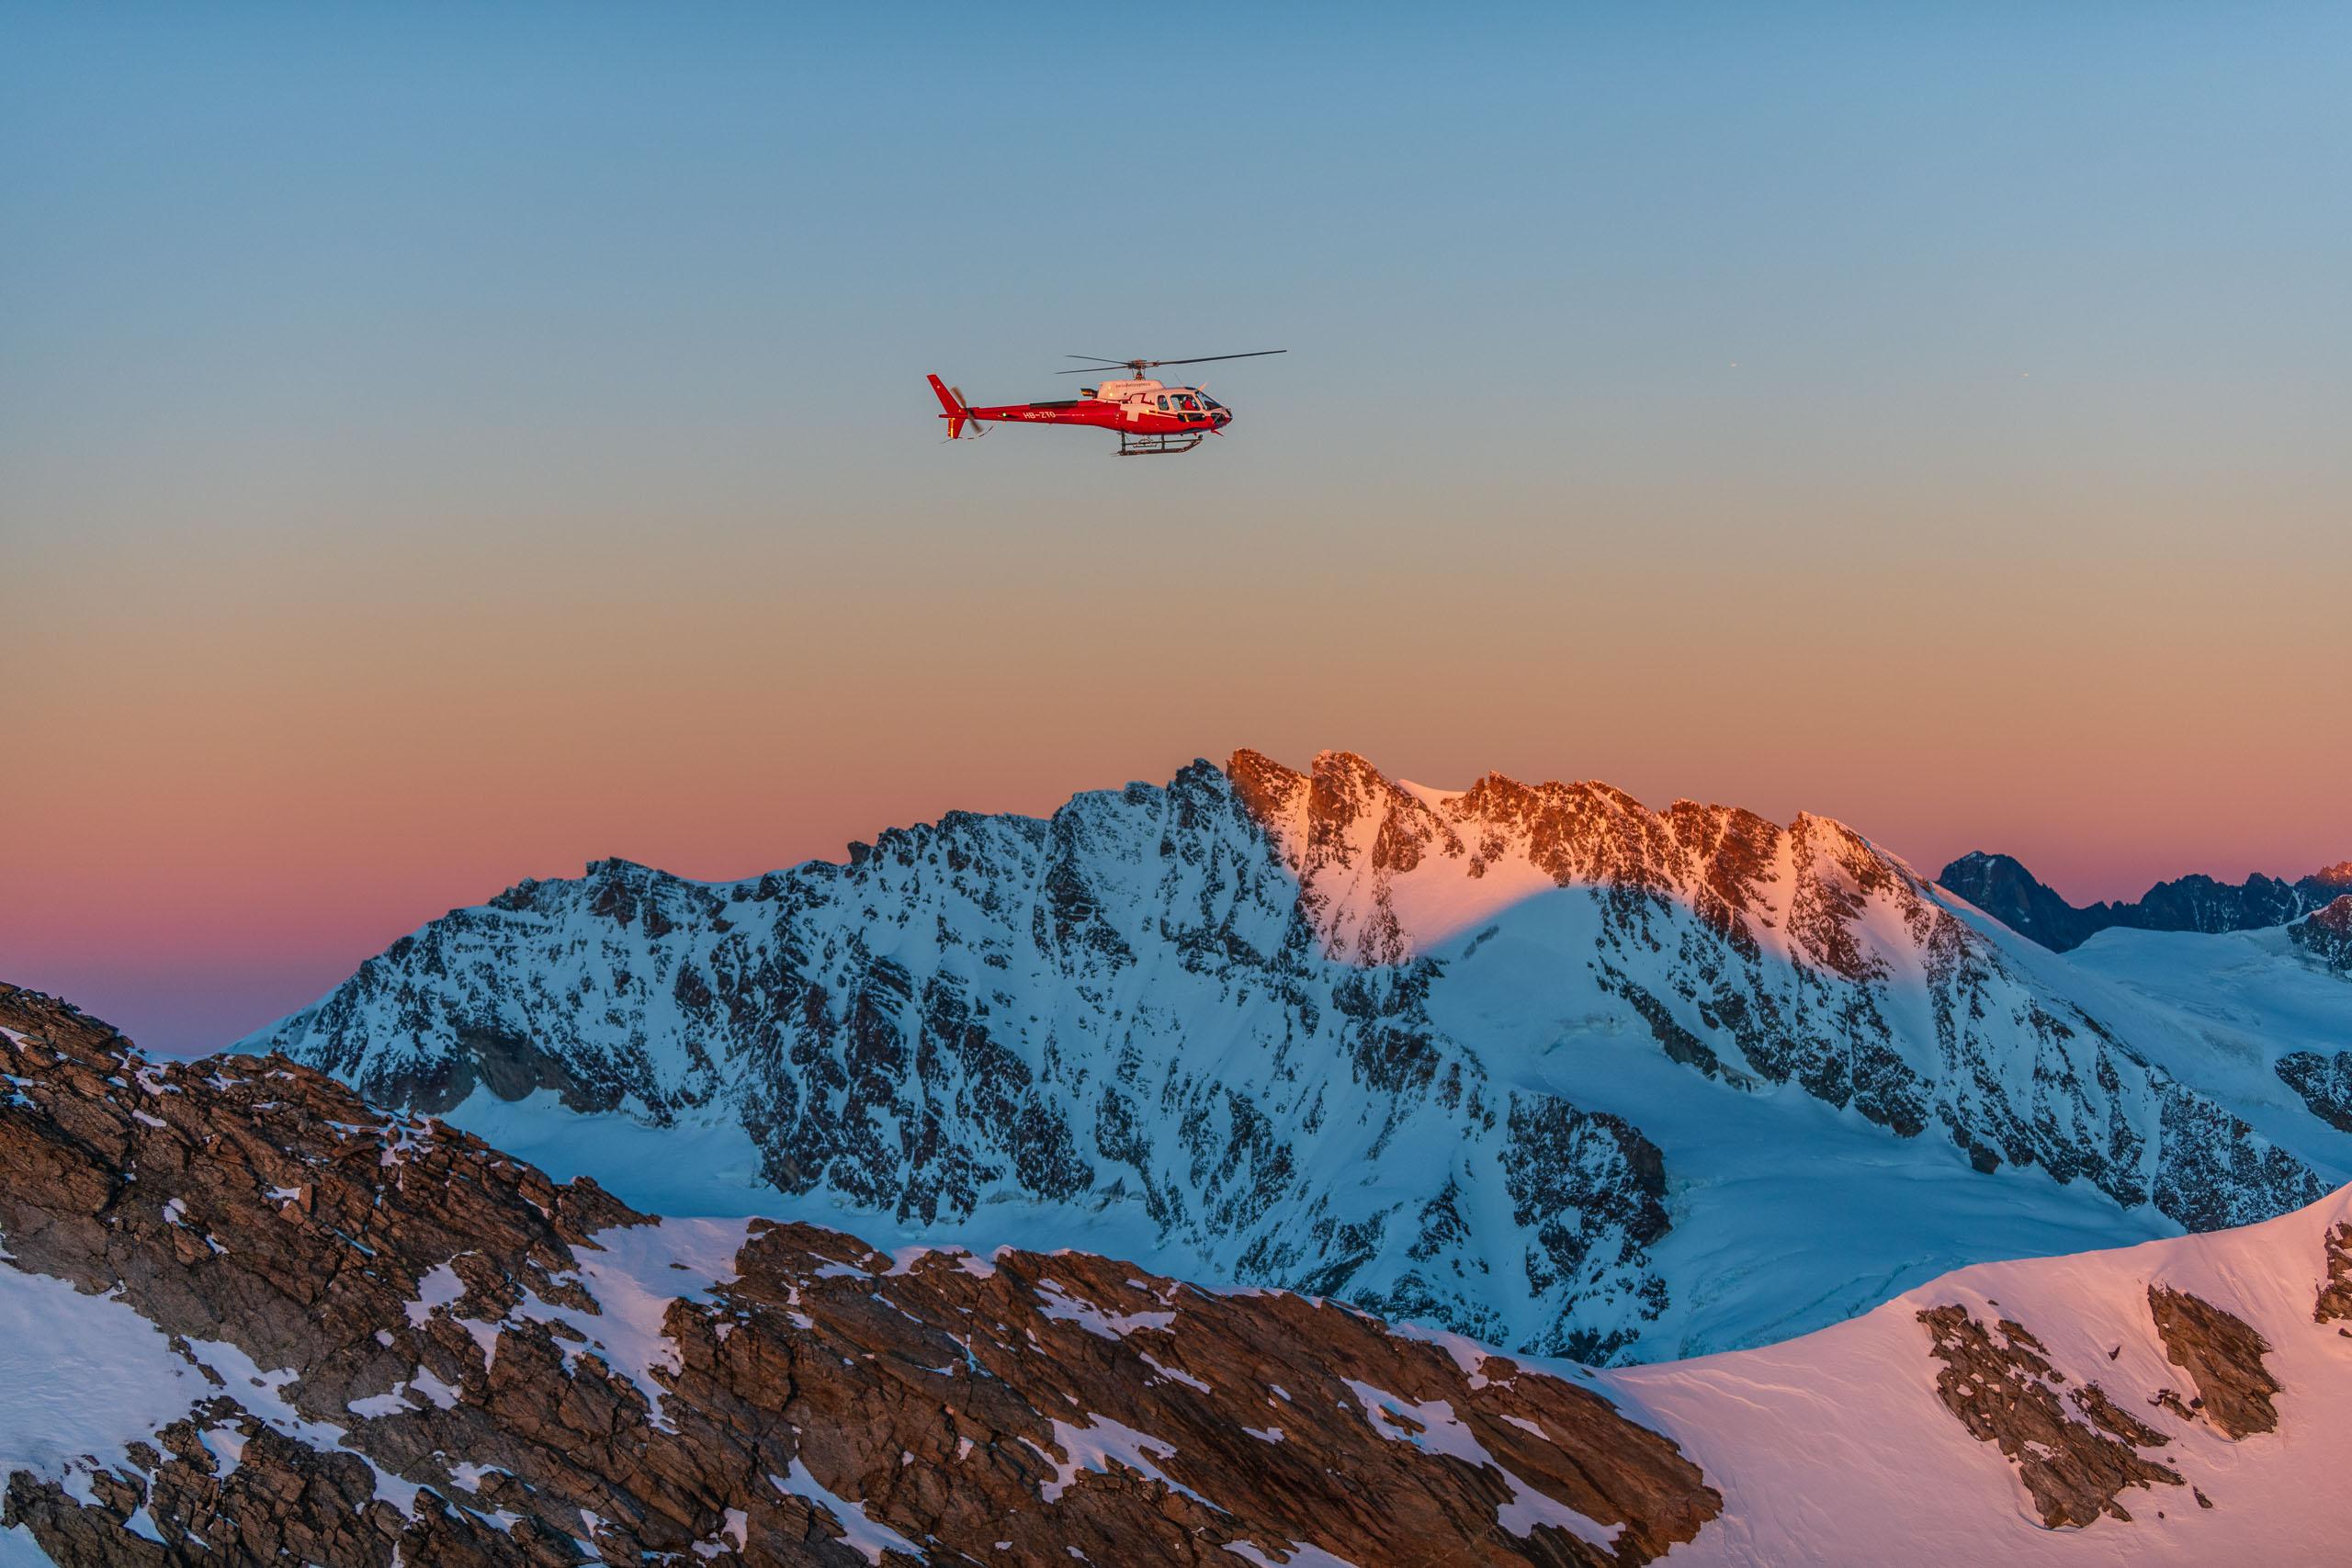 Helikopterflug_Schweiz